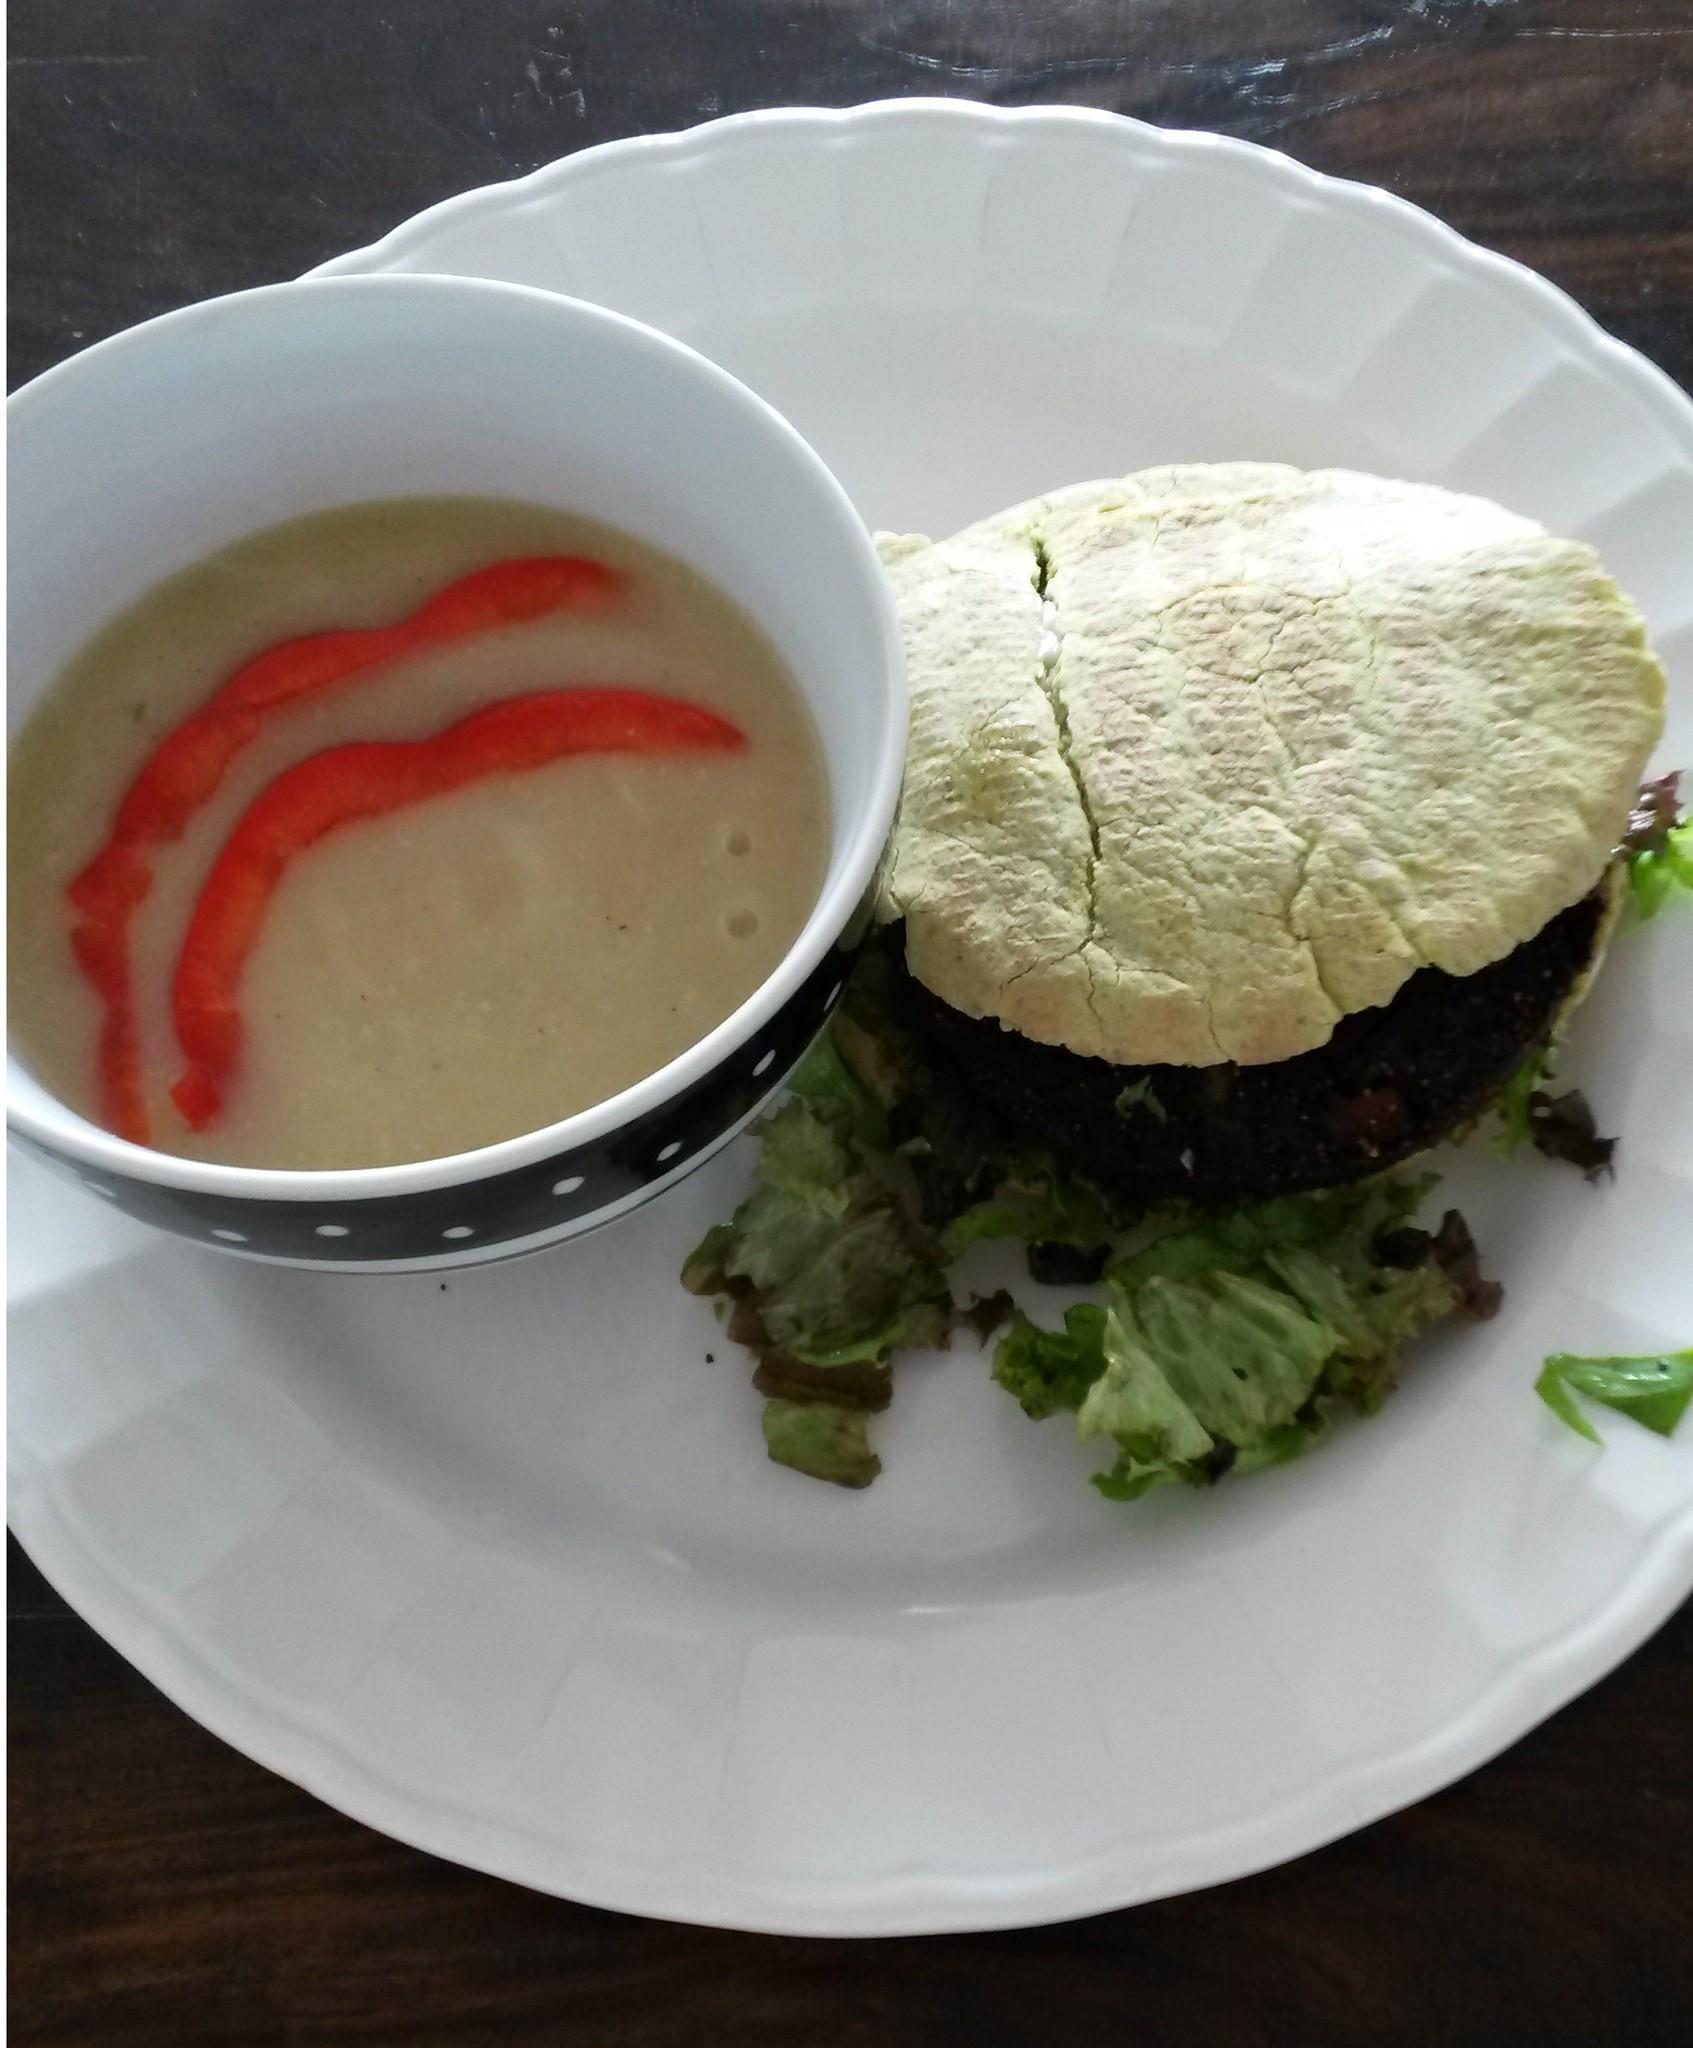 recept algenburger met pastinaaksoep